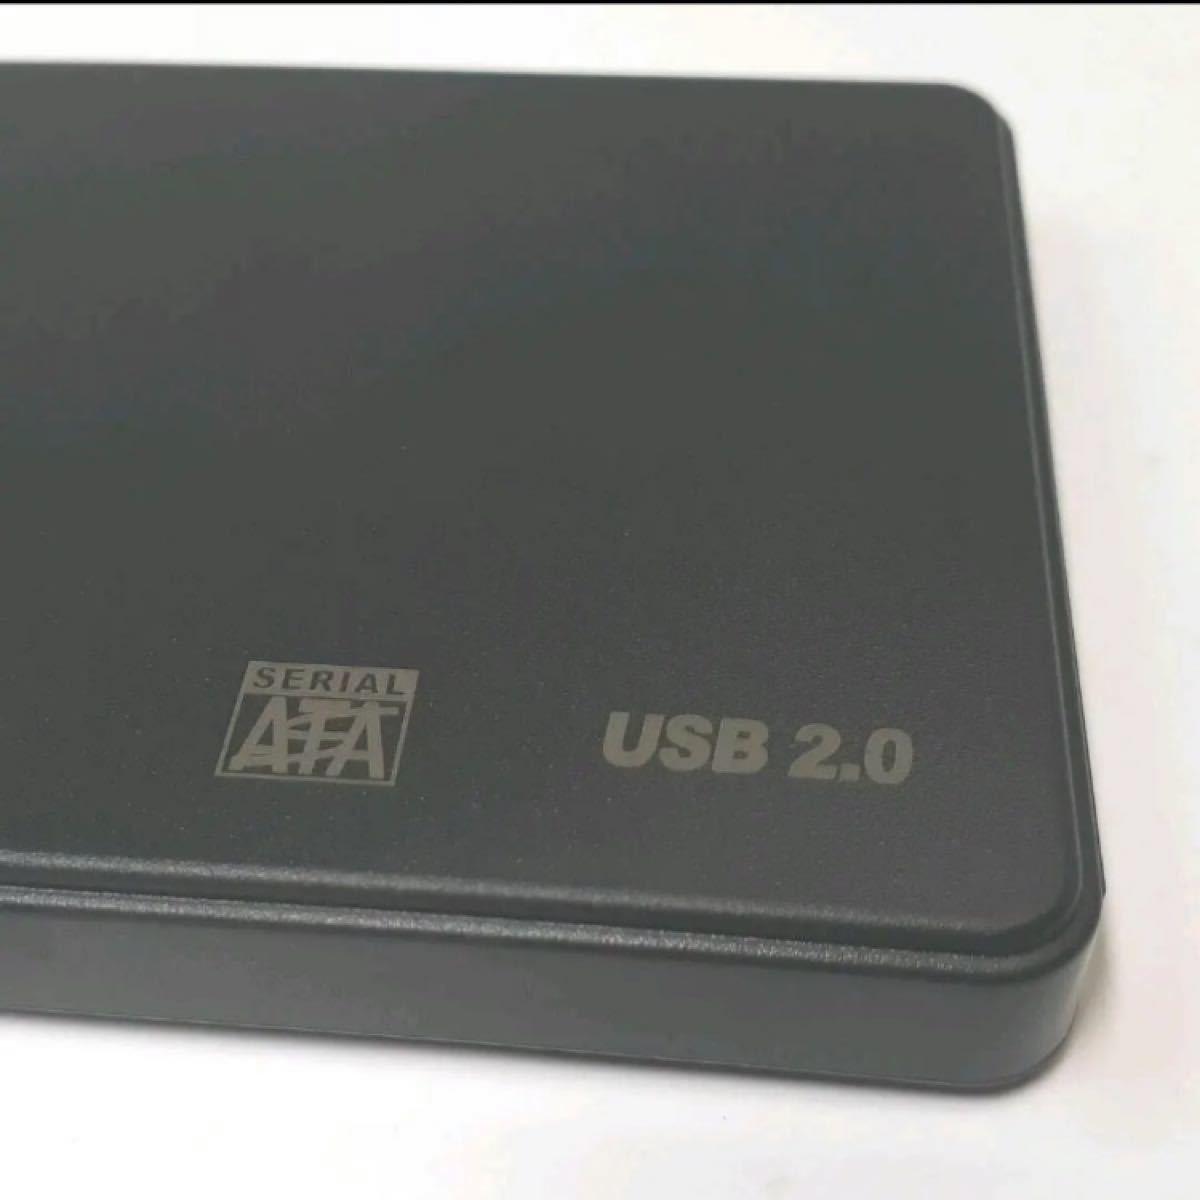 HDDケース SSDケース 2.5インチ 外付けハードディスク USB接続